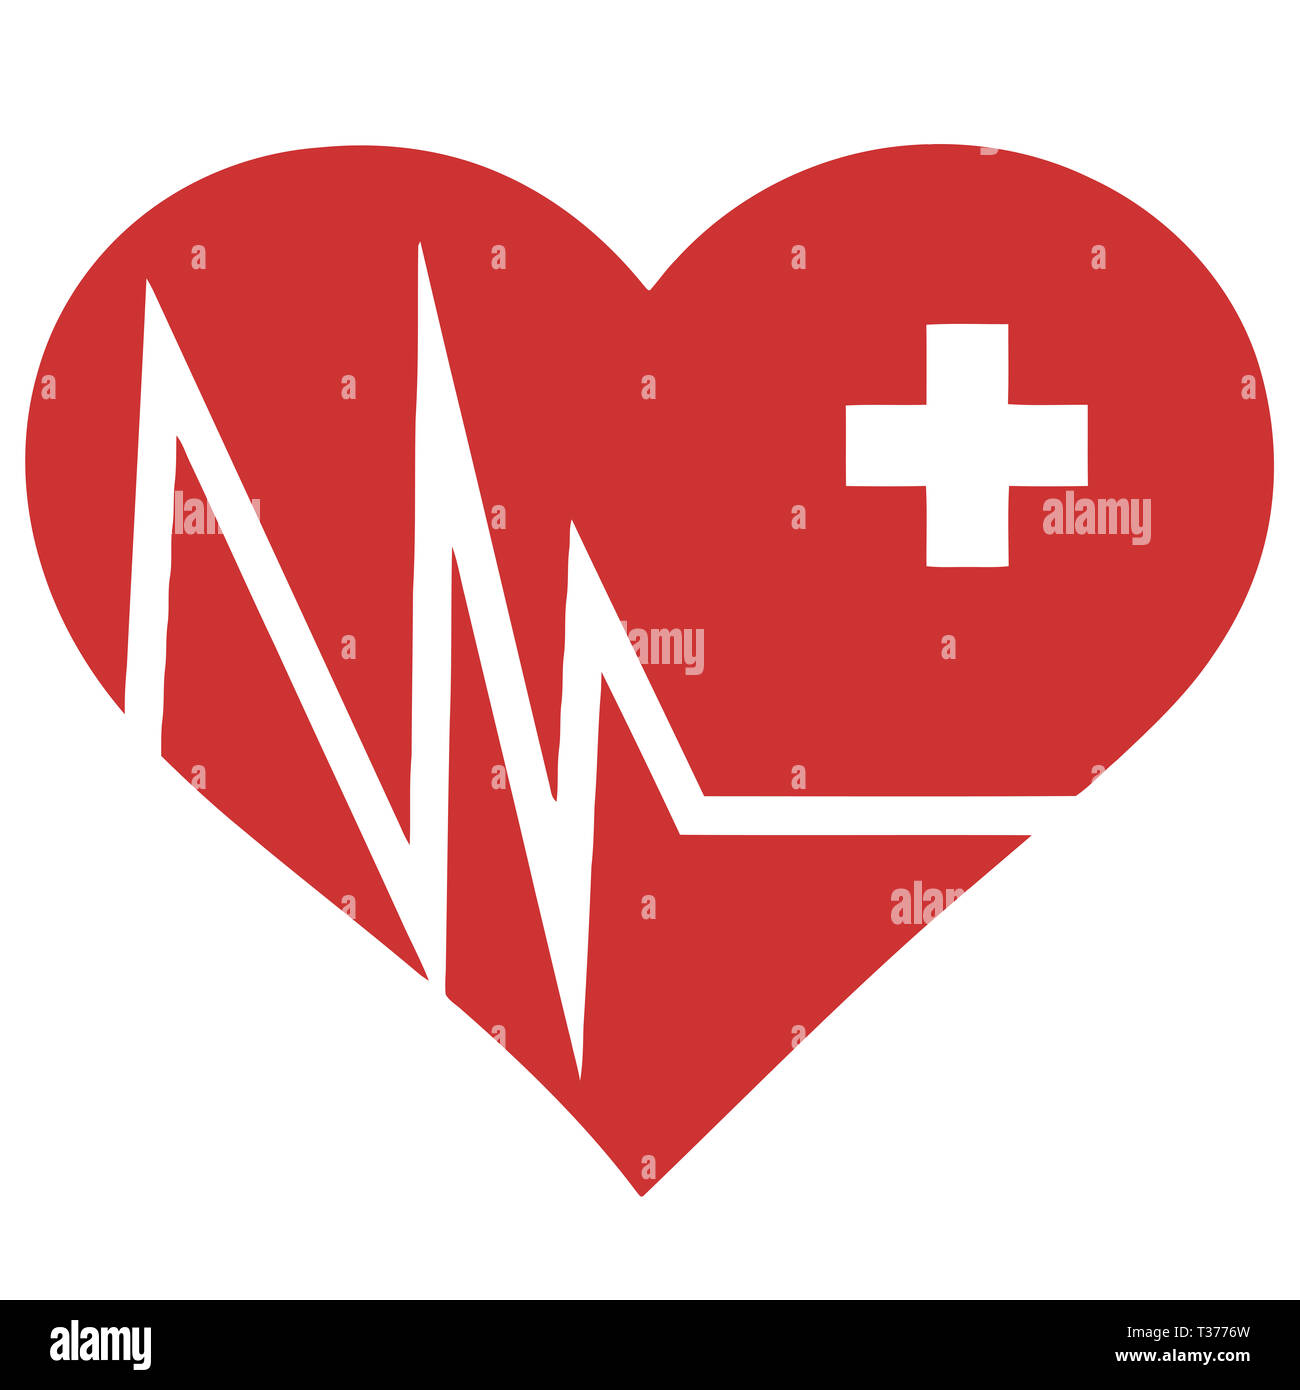 heart shape defibrillator revive save shock medic illustration - Stock Image